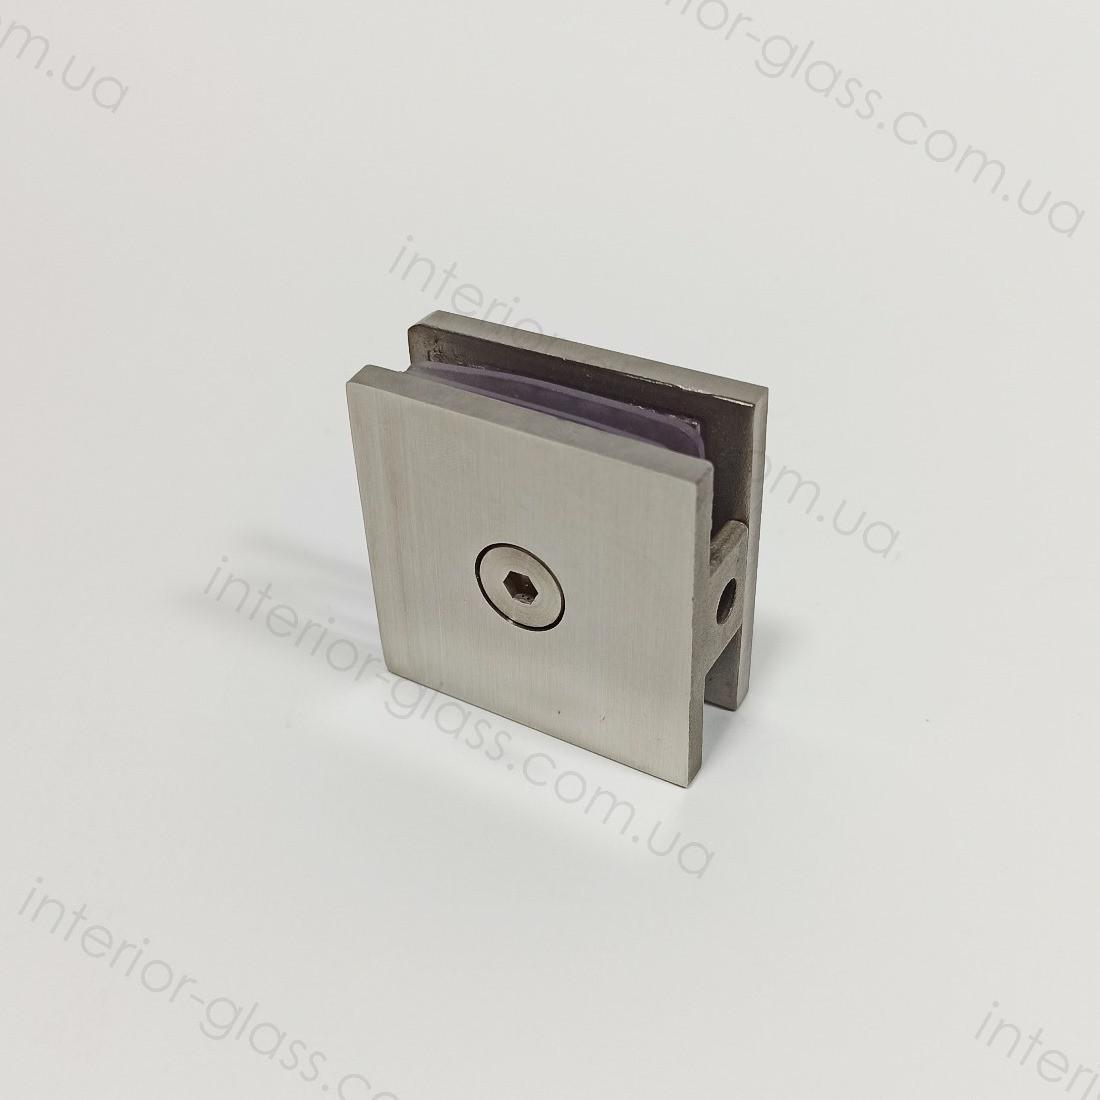 Соединитель стекло-стена HDL-721-1 SSS литой, матовая нержавеющая сталь